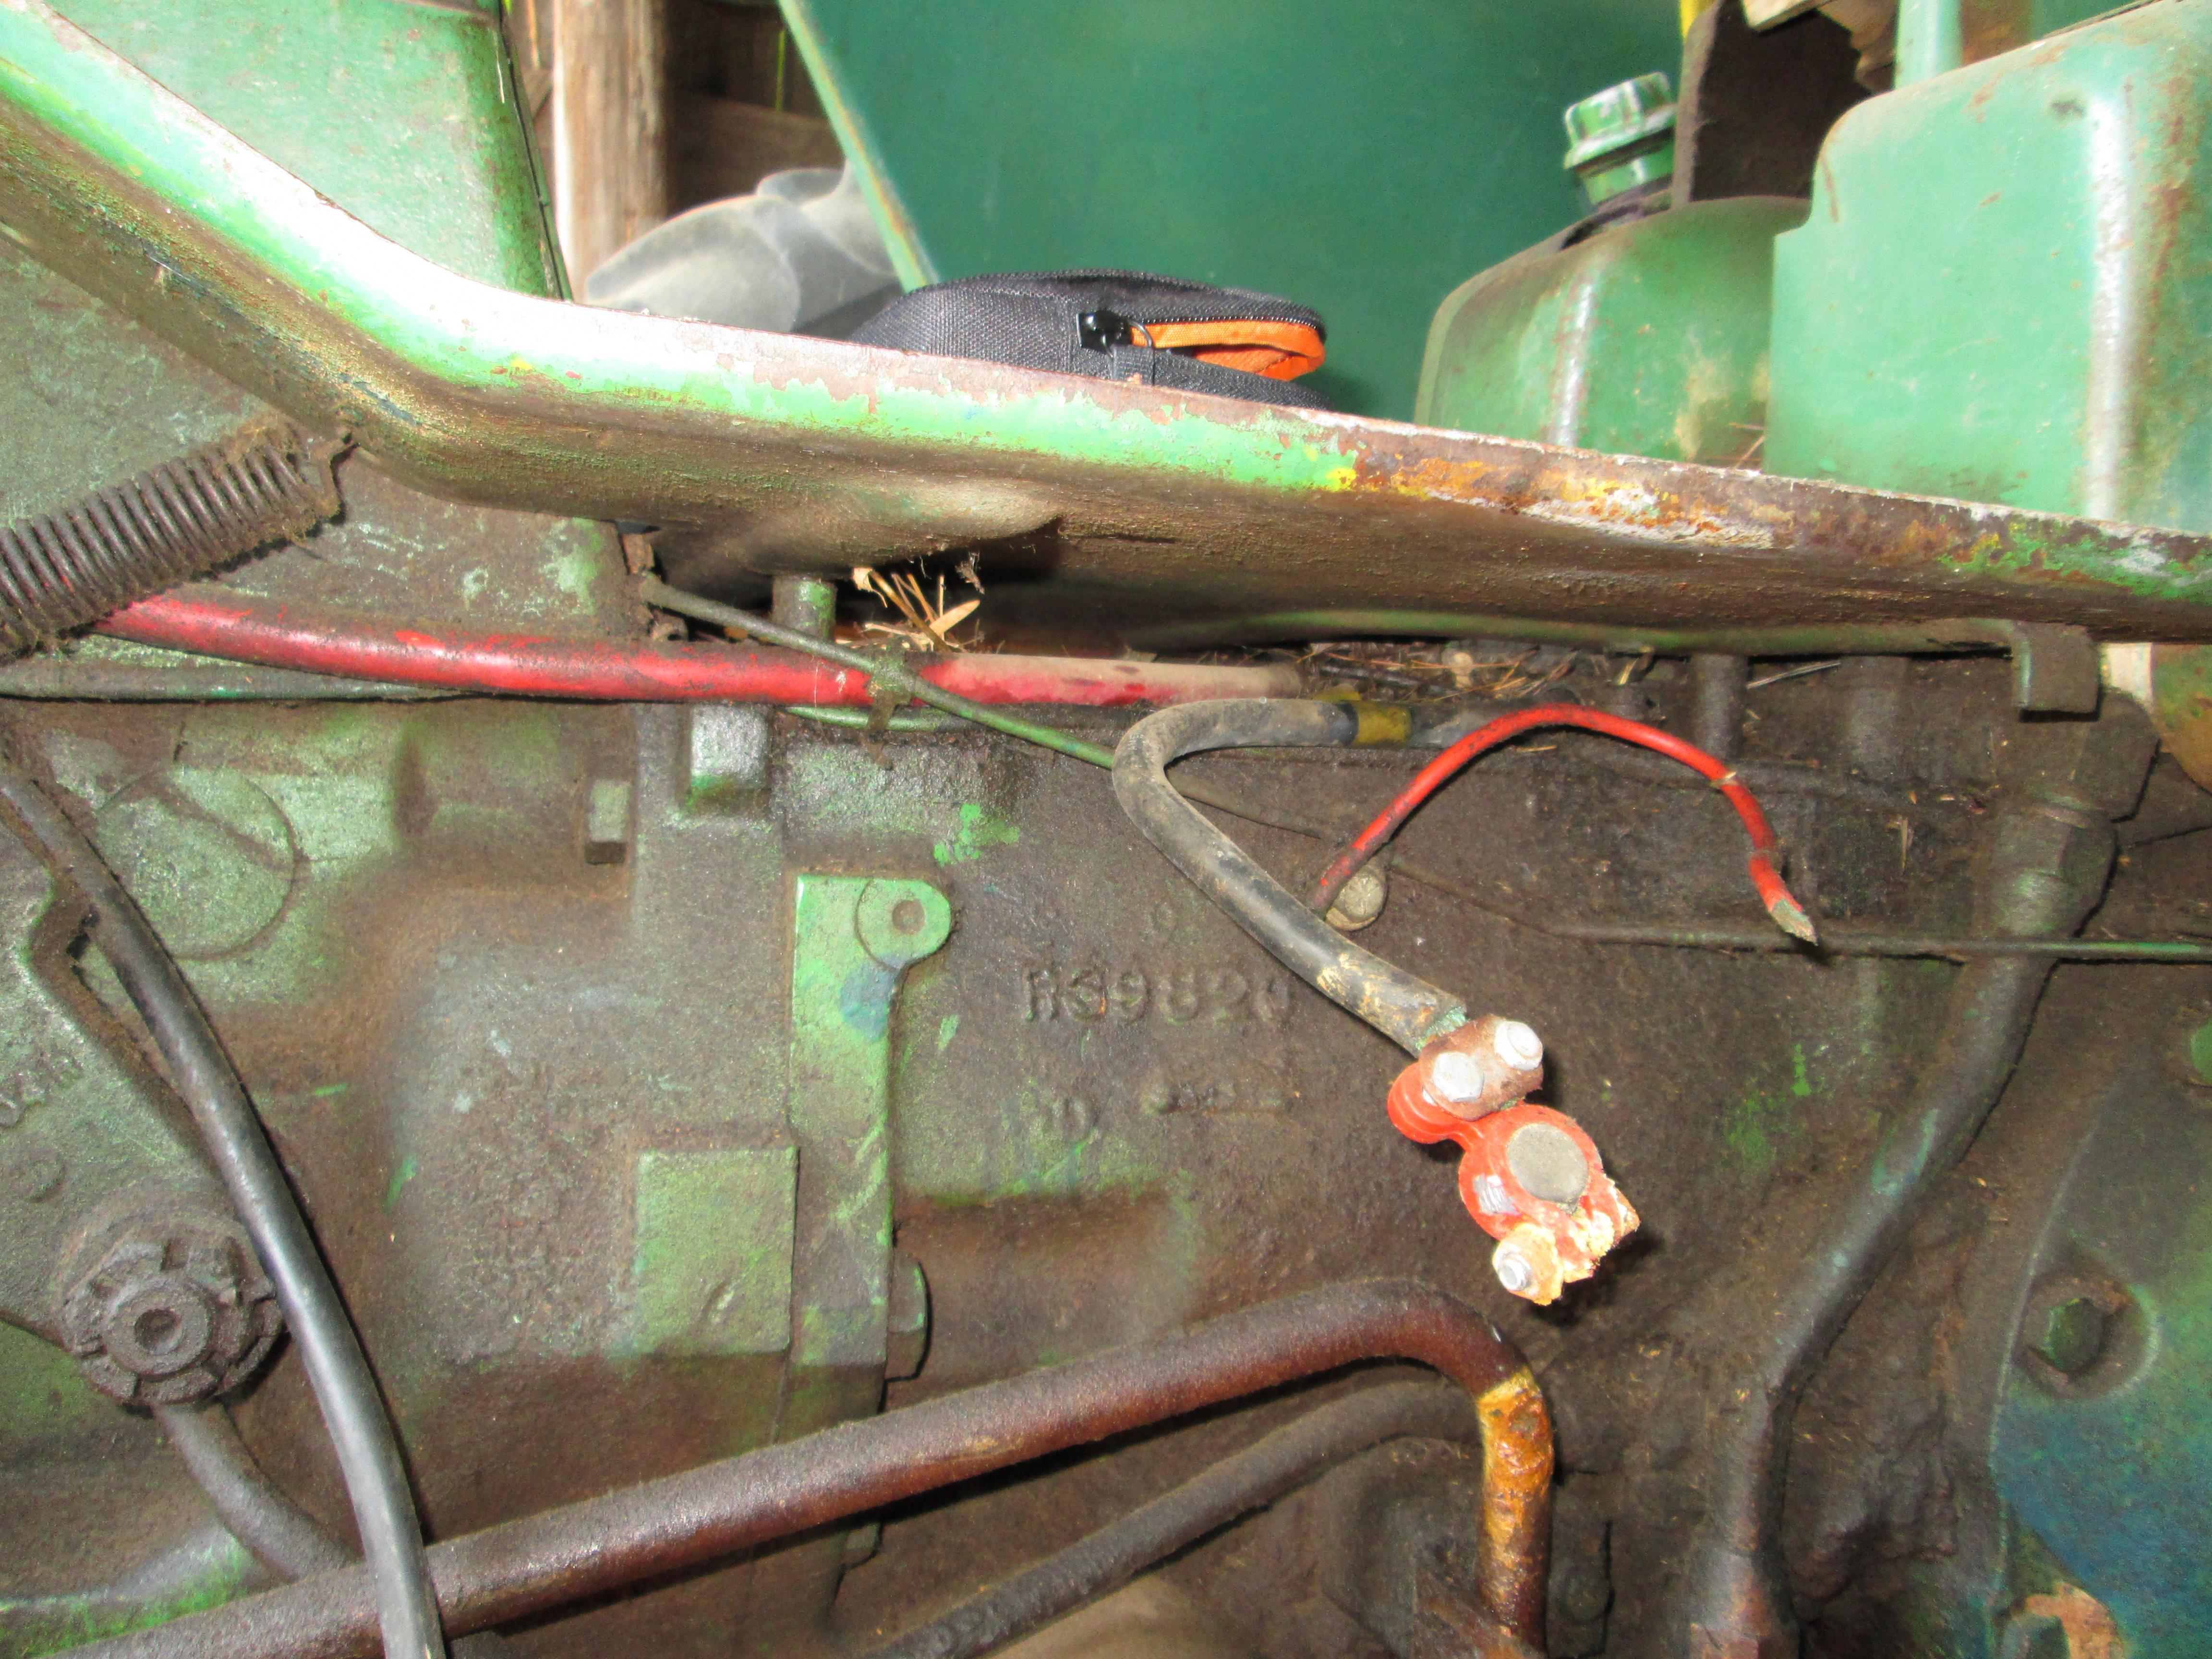 John Deere 3020 sel 24V Electrical System on 24 volt wiper motor, 24 volt starter solenoid, motorguide 24 volt wiring diagram, 24 volt marine wiring diagrams, 24 volt relay diagram, 24 volt charging system, 12 volt boat wiring diagram, 24 volt battery system diagram, 24 volt system schematic, 12 volt marine wiring diagram, 12 and 24 volt battery diagram, jd 4020 24 volt wiring diagram, 24 volt charging diagram, 24 volt starter motor, 24 volt relay wiring, 24 volt battery connection, minn kota 24 volt wiring diagram, 24 volt starter cable, 230 volt wiring diagram, 24 volt battery charger wiring diagram,